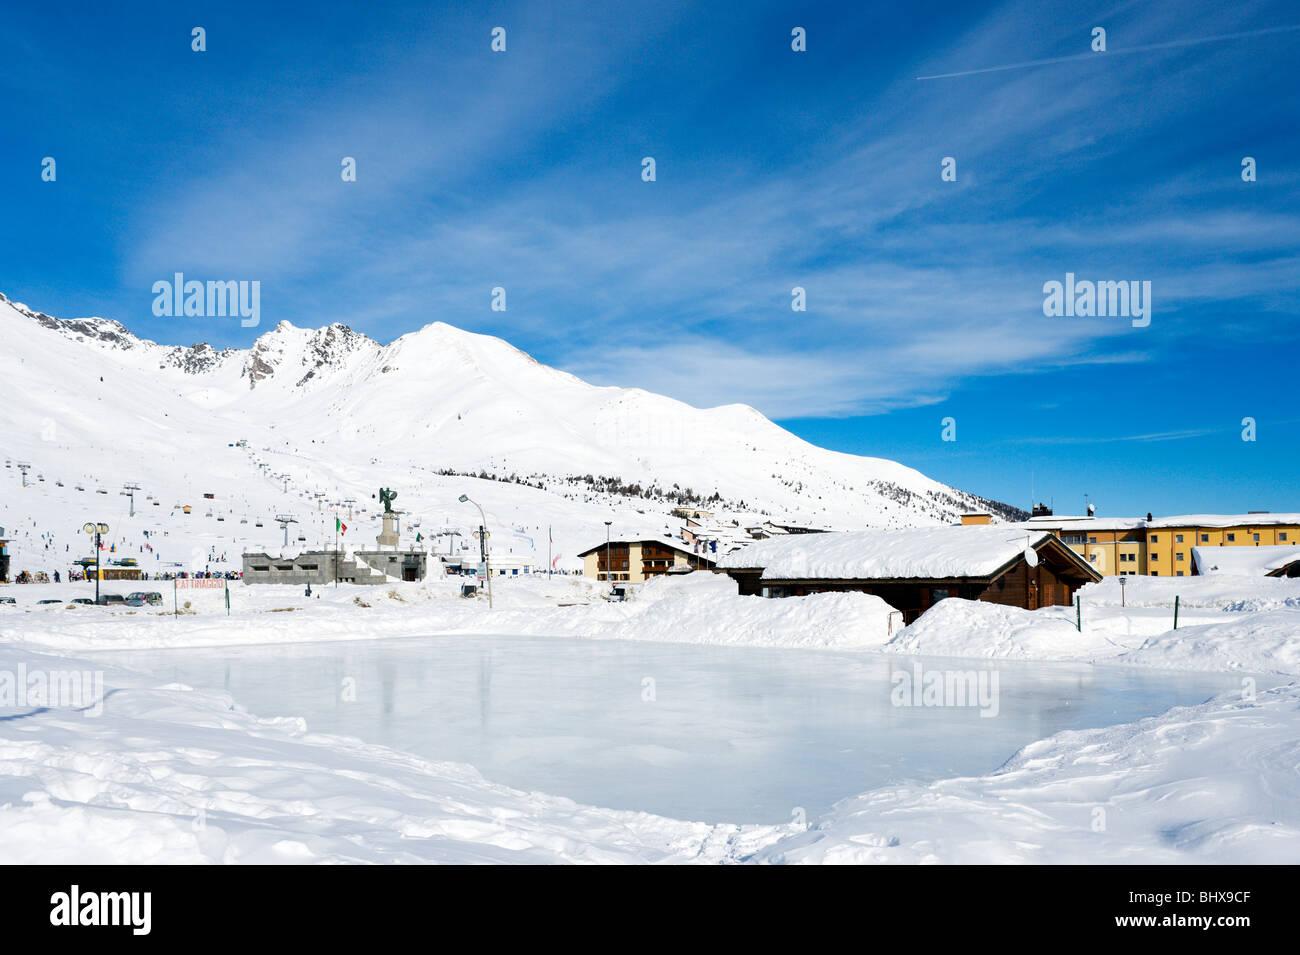 Vista sulla pista di pattinaggio su ghiaccio verso il centro del resort, Passo Tonale, Trentino, Italia Immagini Stock